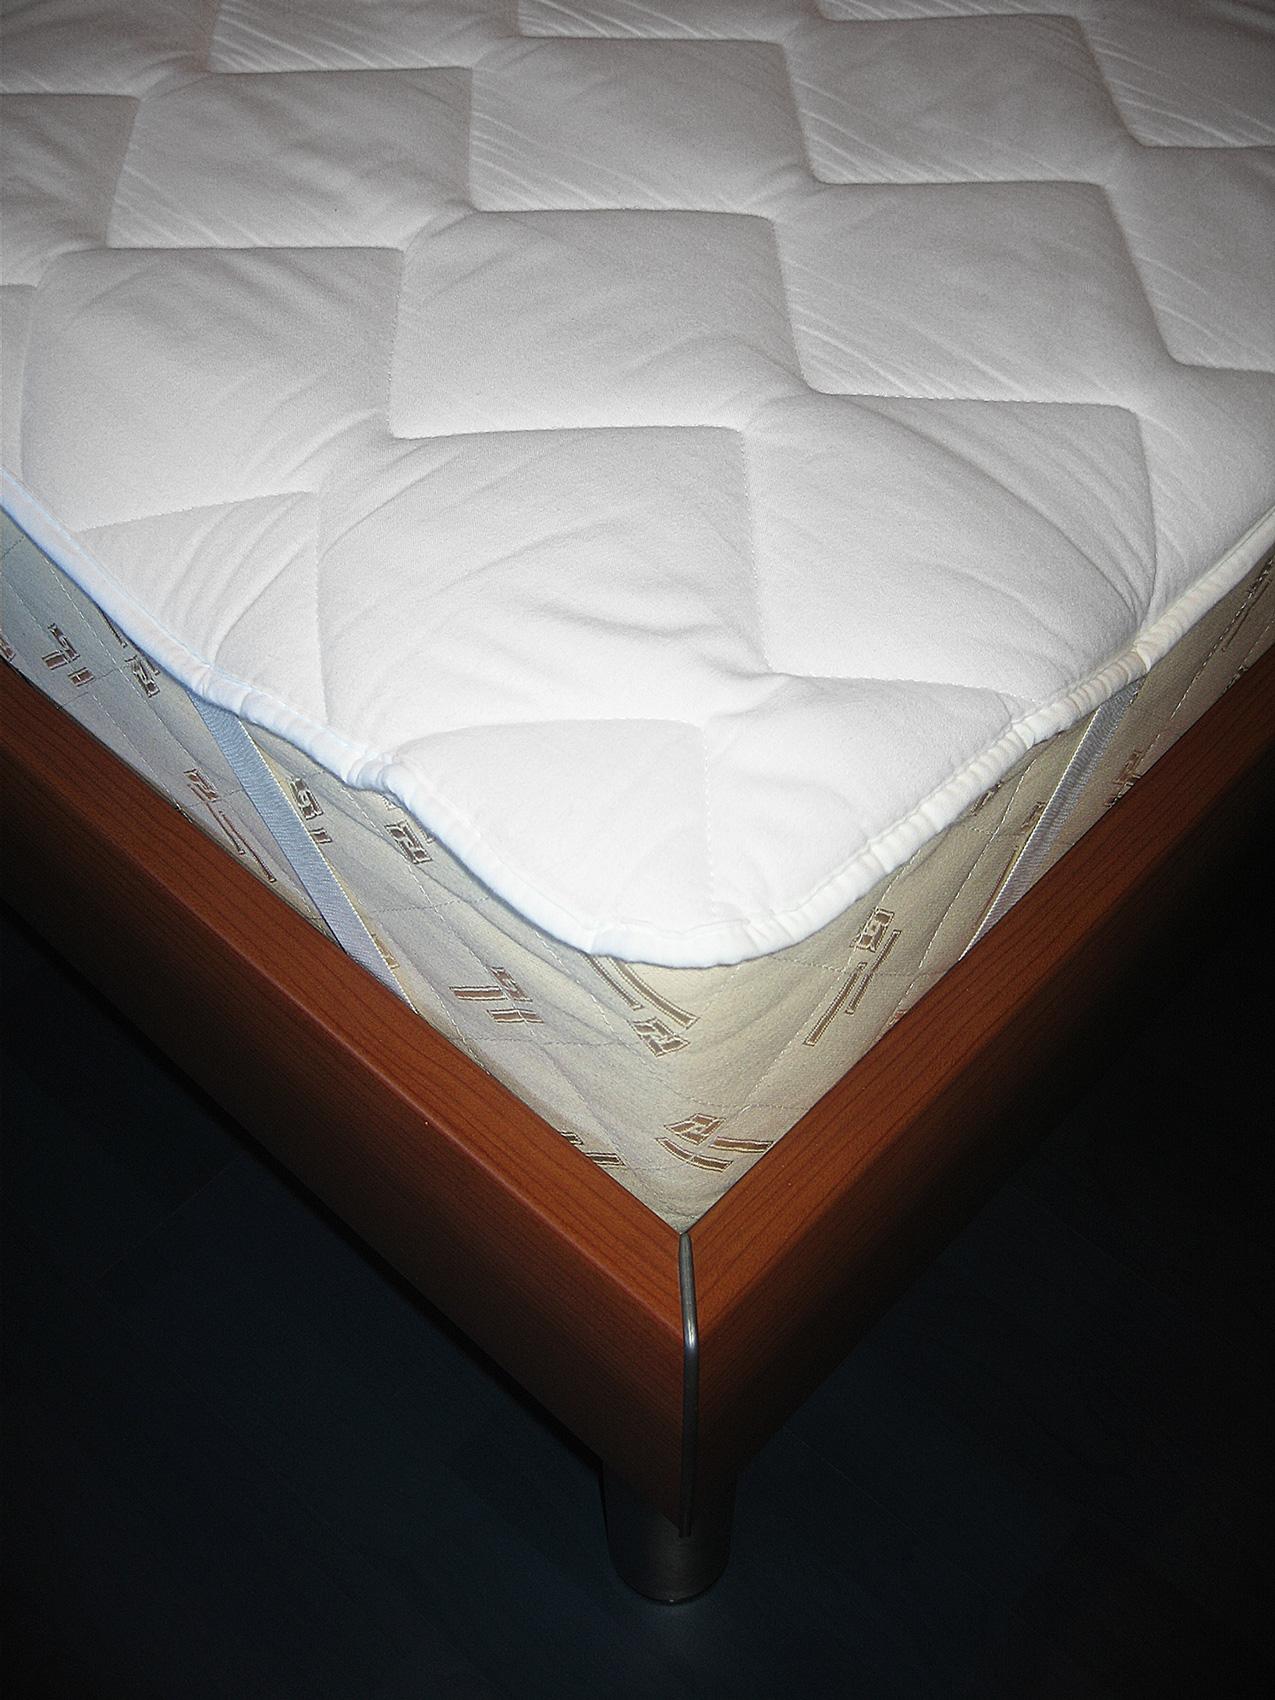 Nadložak ili štep deka